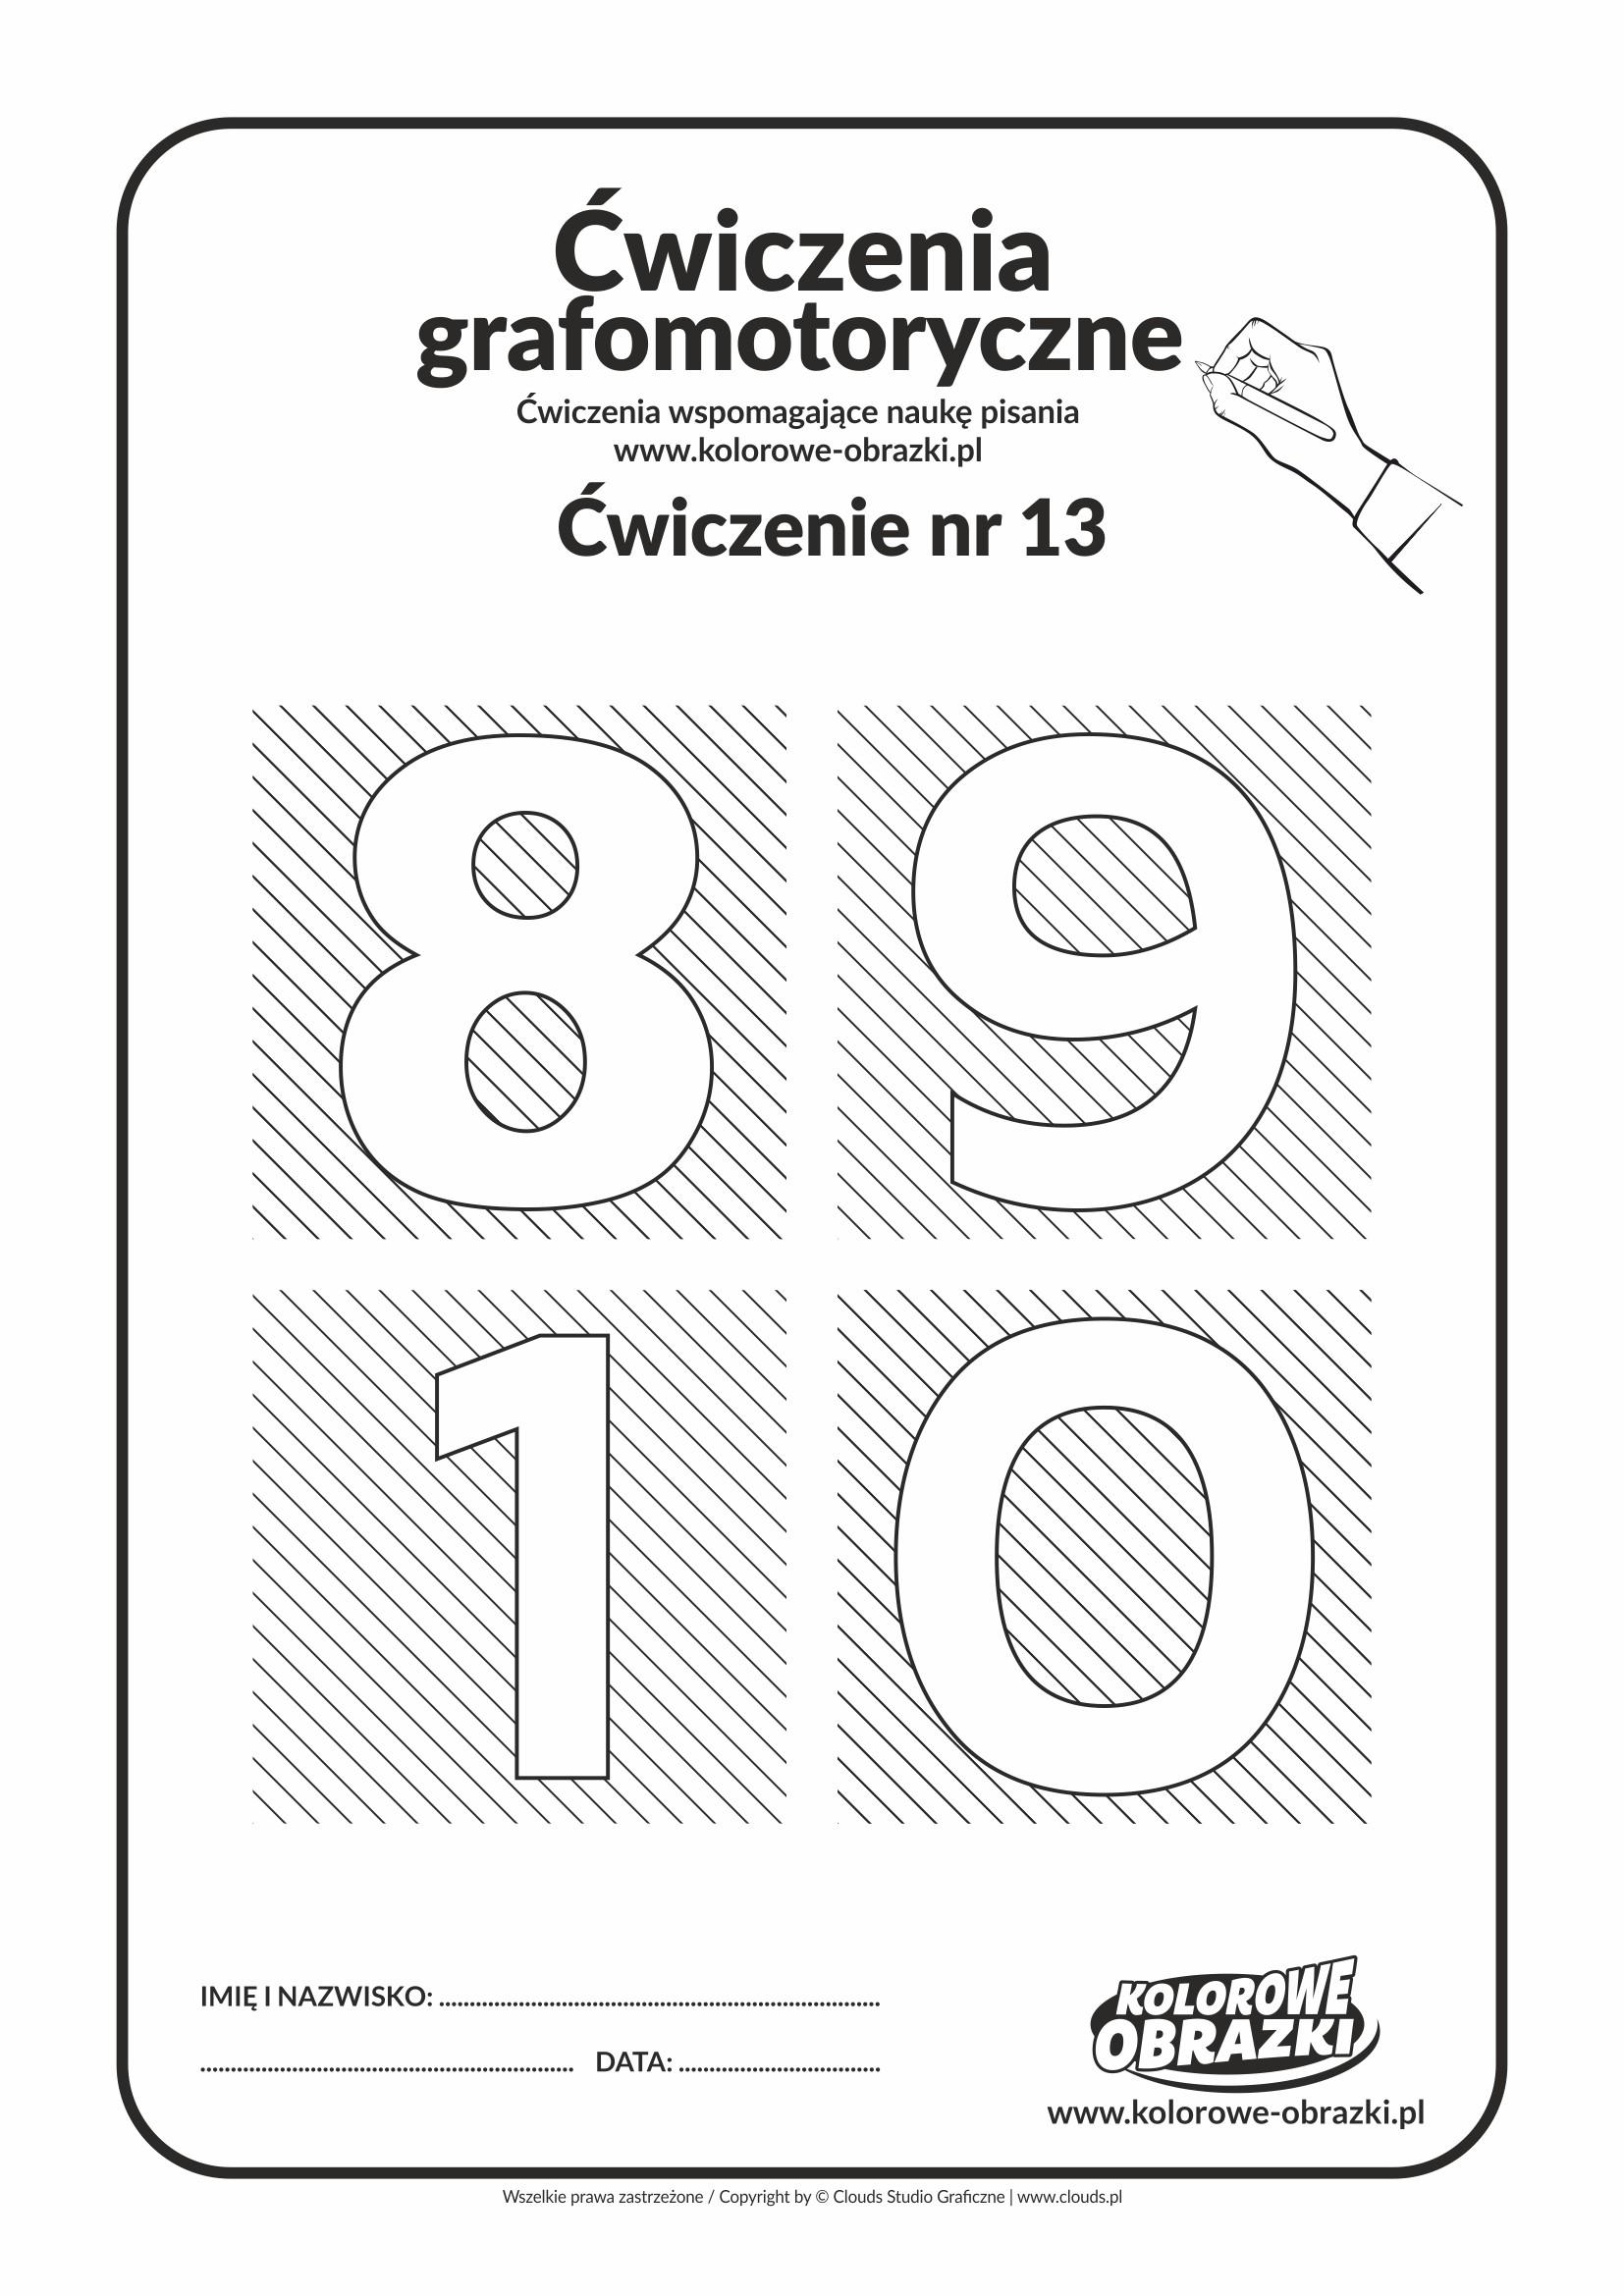 Ćwiczenia grafomotoryczne - cyfry 8, 9, 1, 0